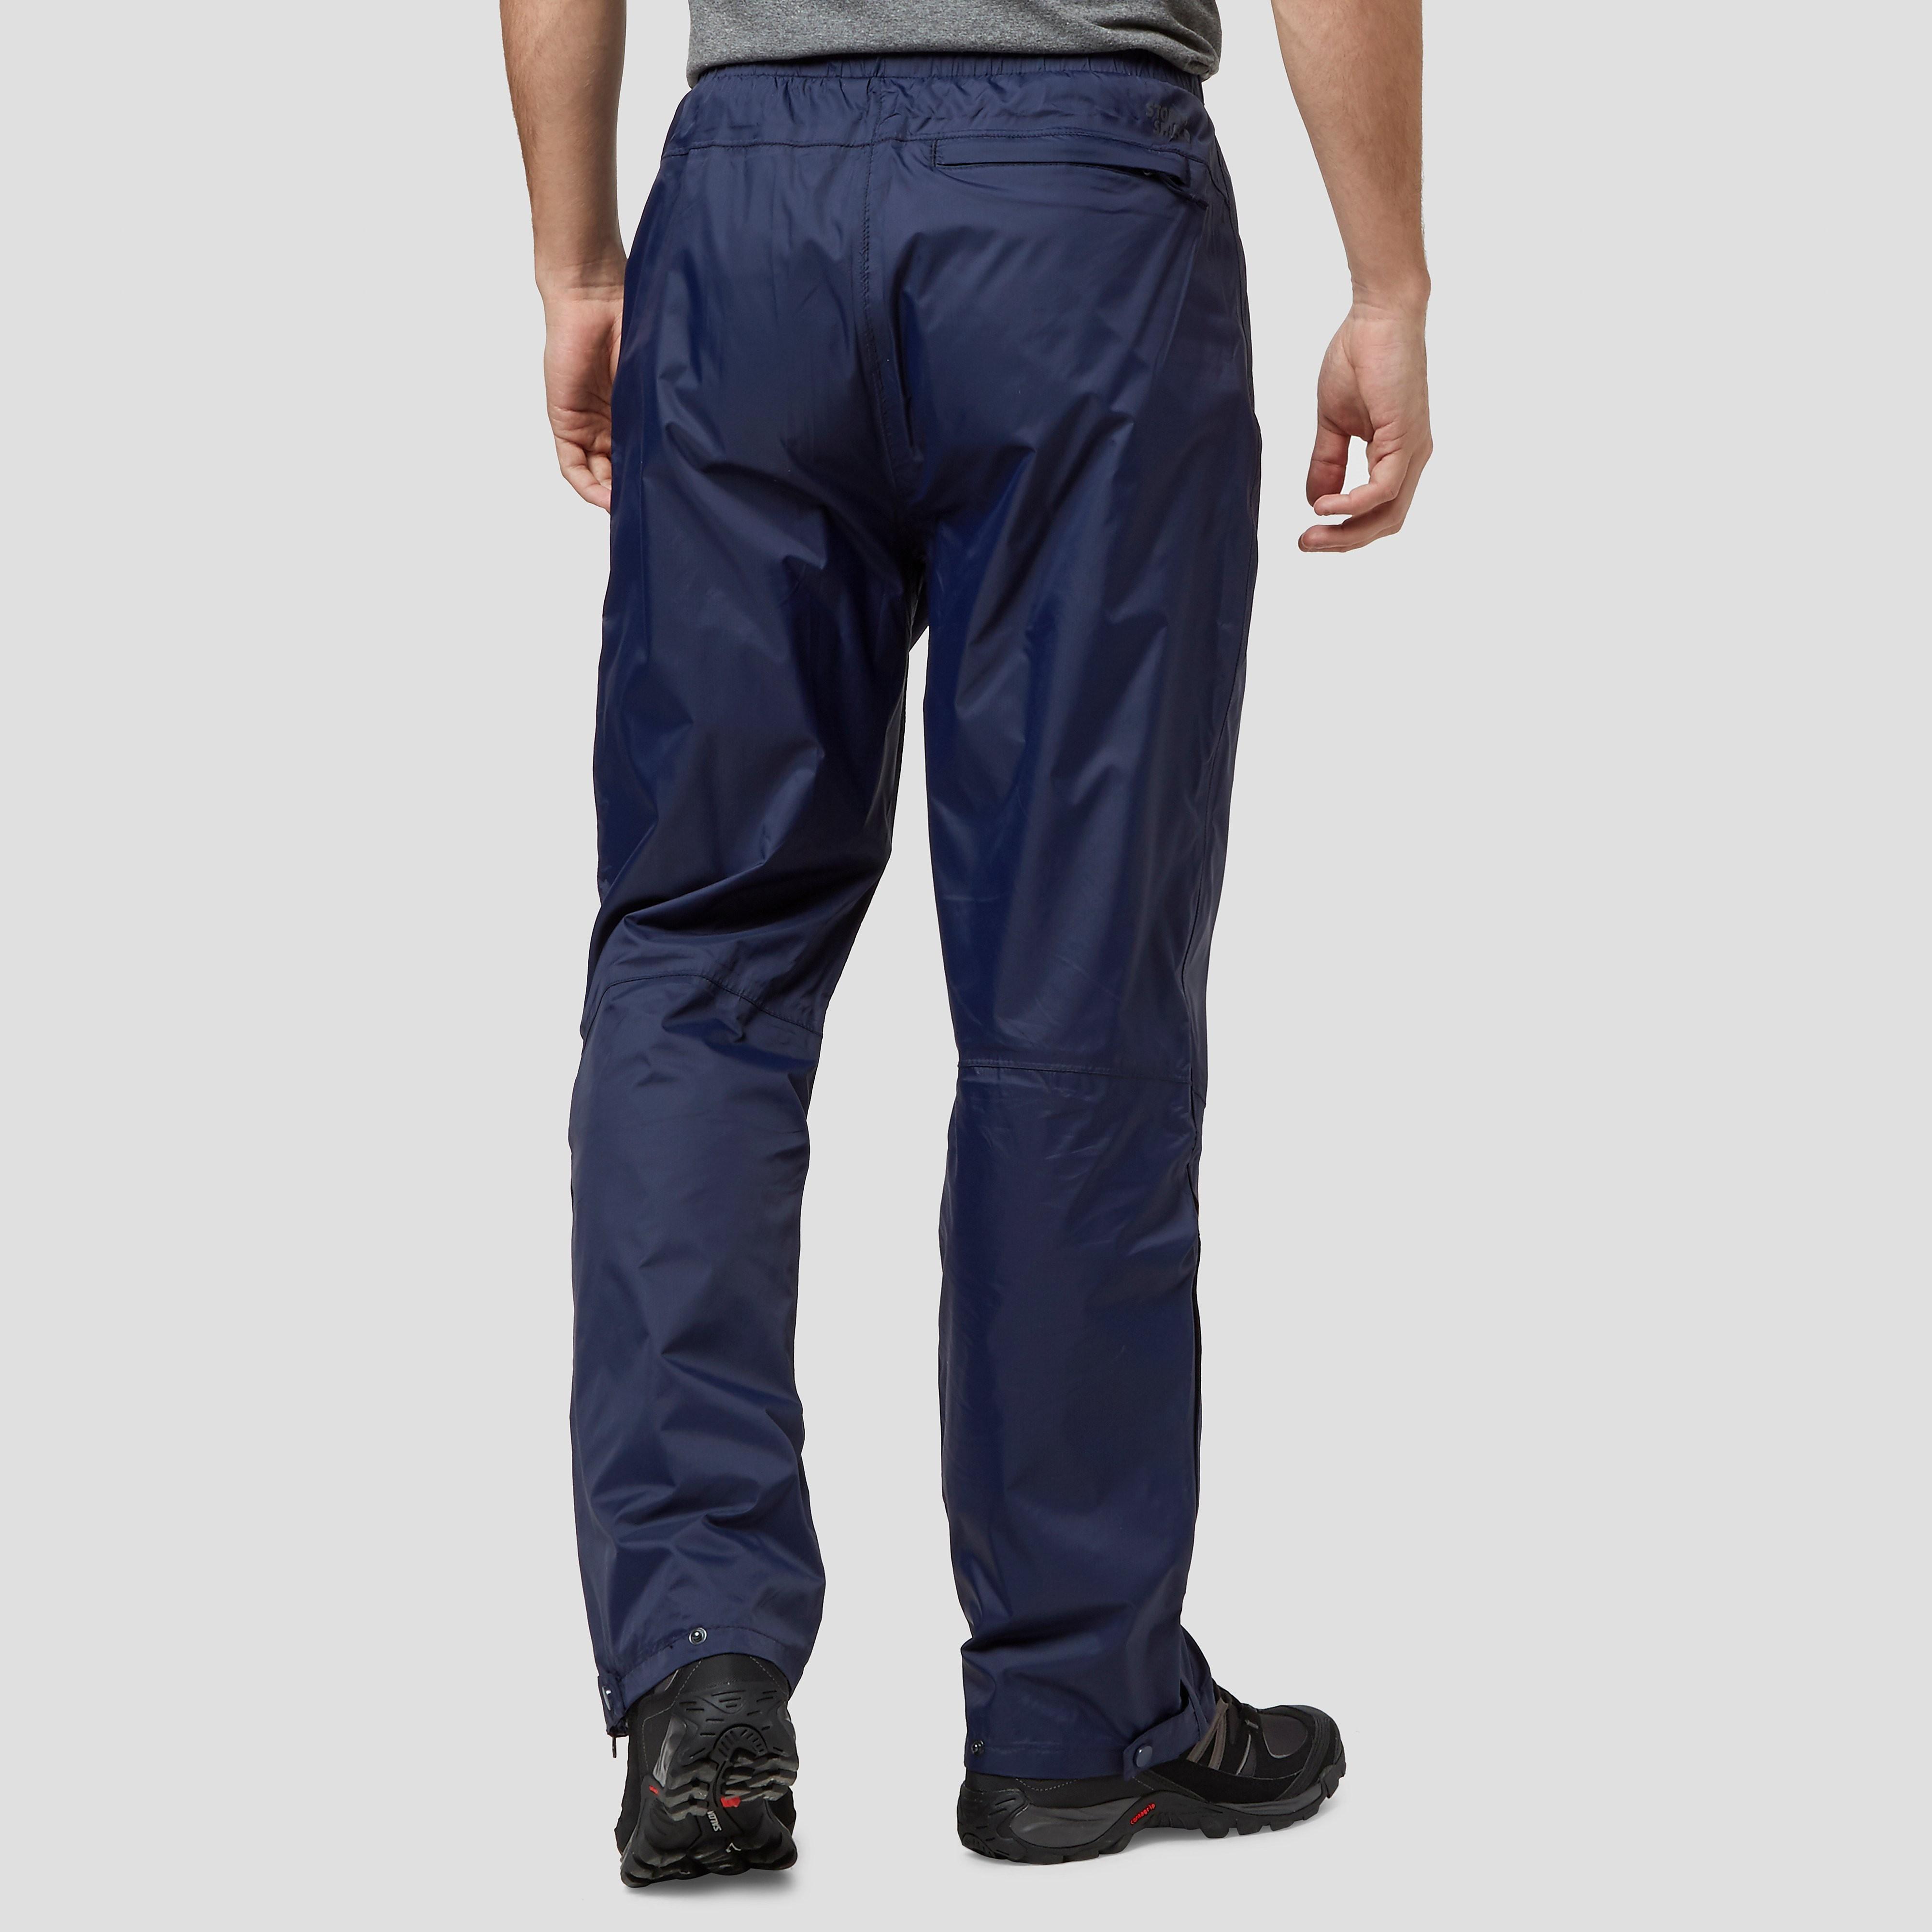 Peter Storm Men's Waterproof Over Trousers